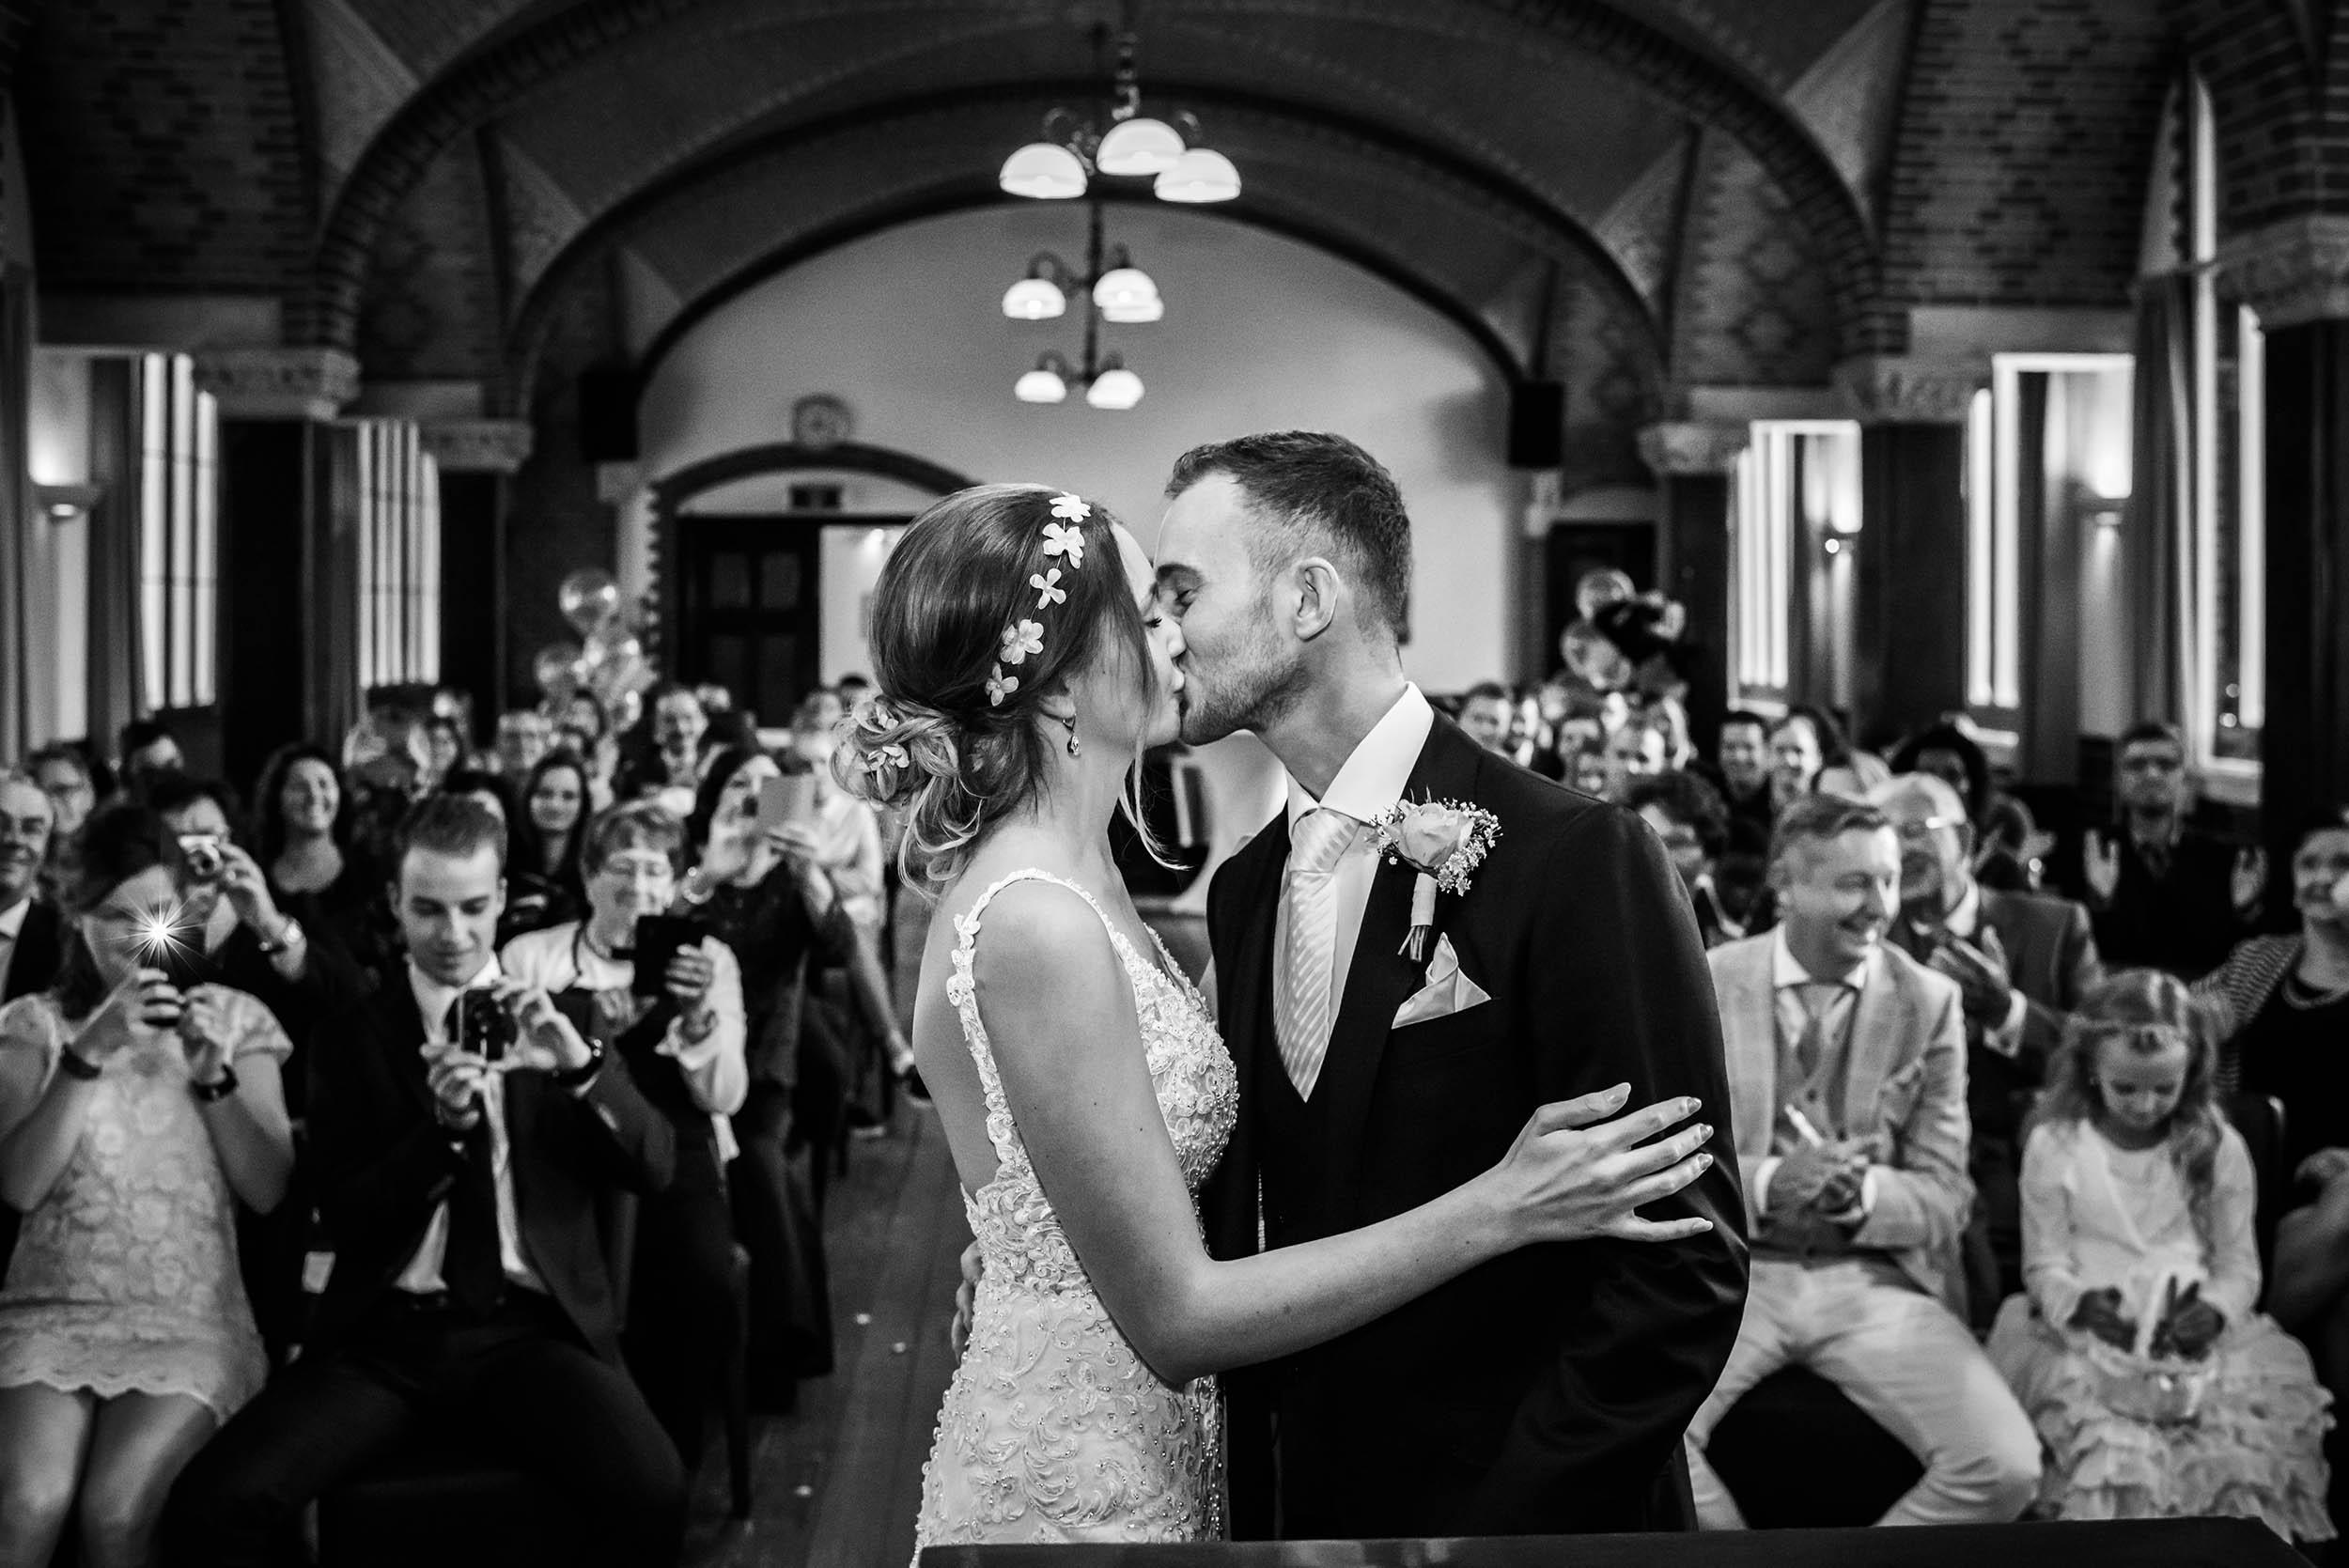 Tel het aantal mensen dat een foto maakt van het bruidspaar.